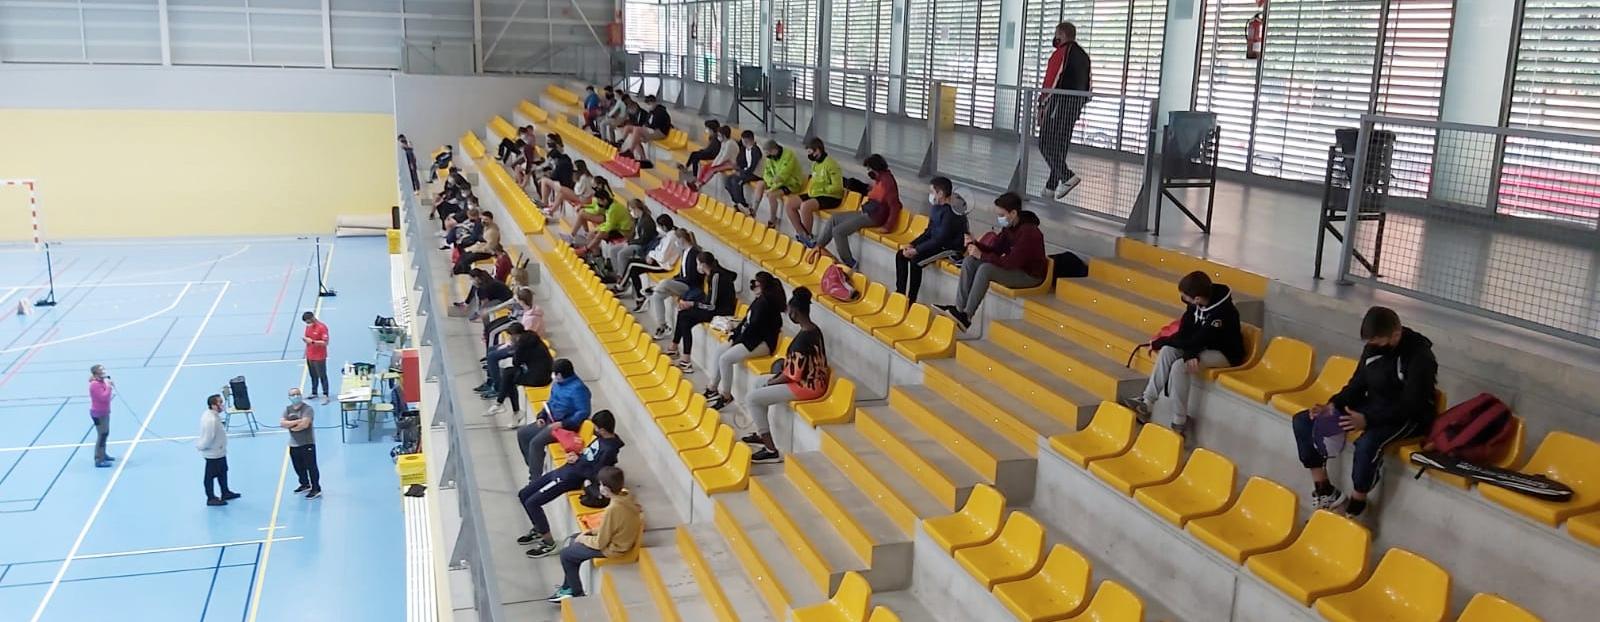 Aplicación normativa deportiva covid-19